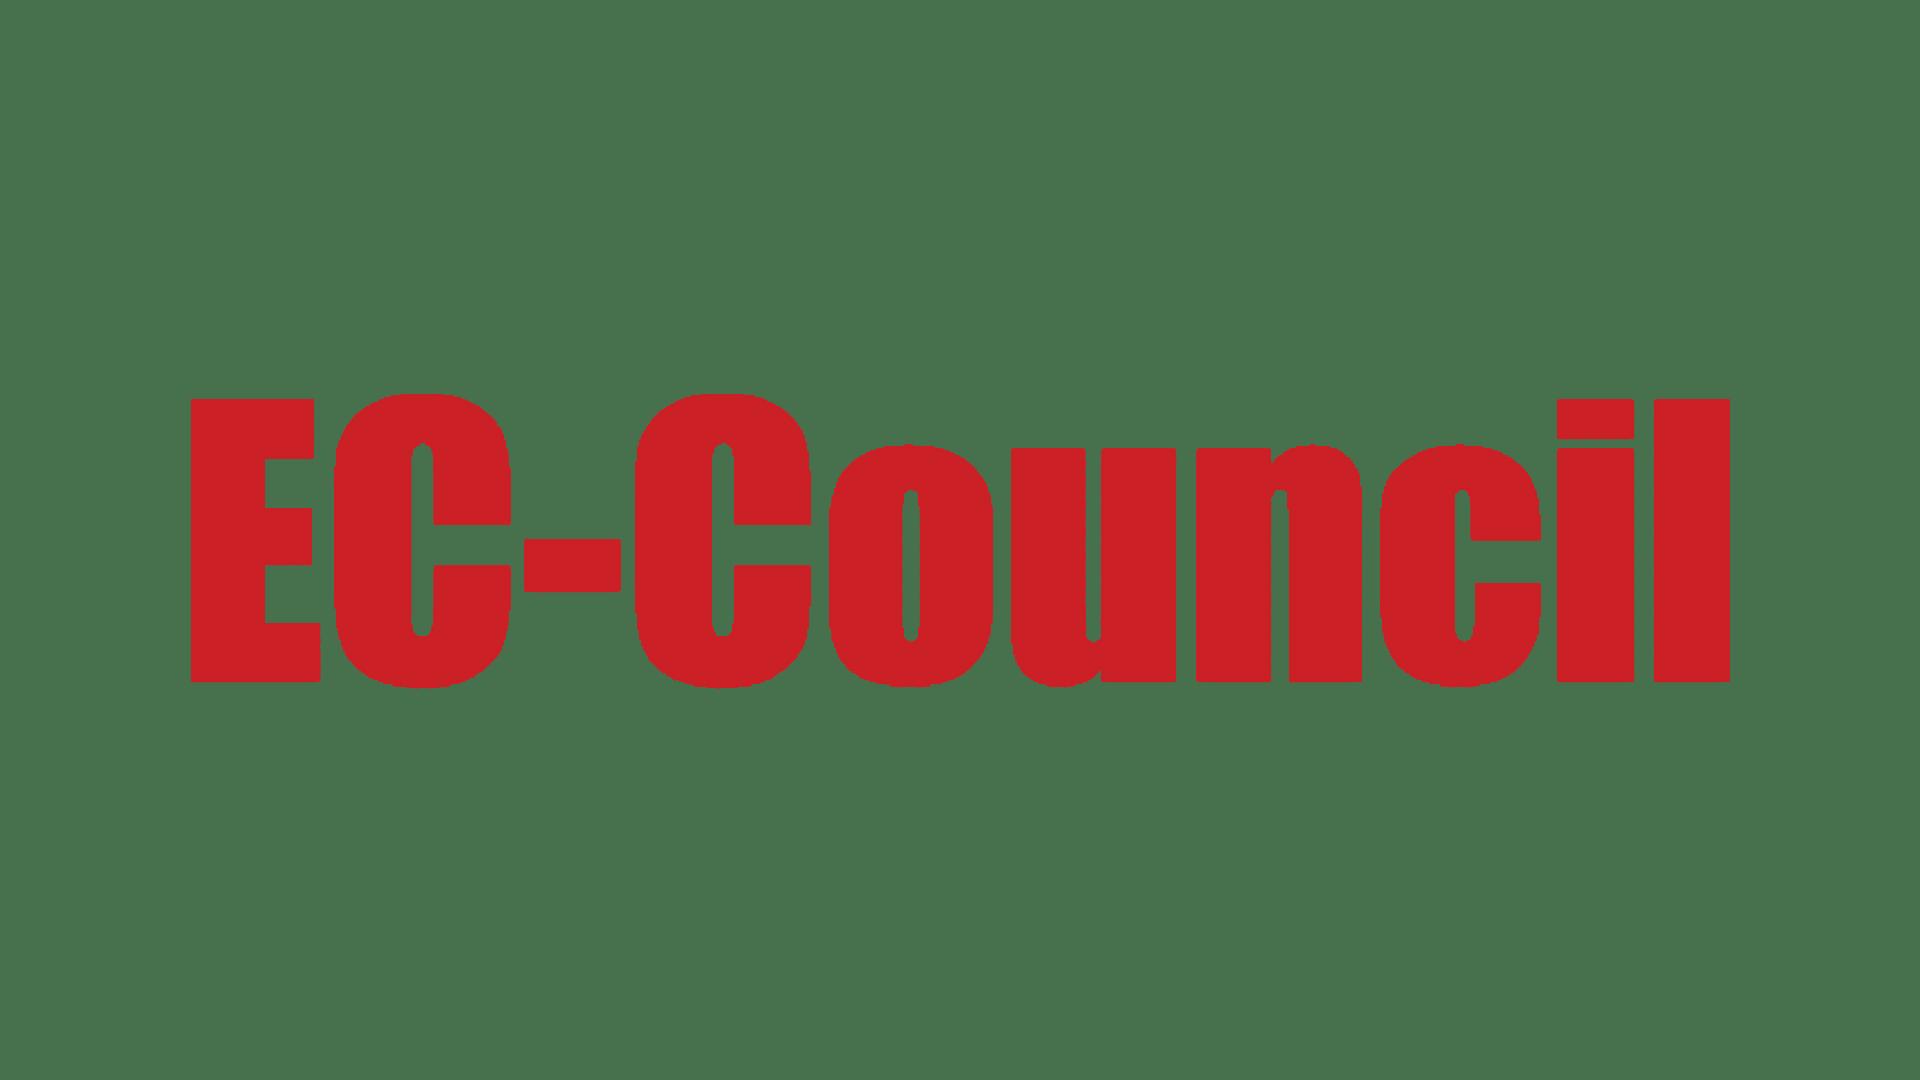 Logo_ECCouncil